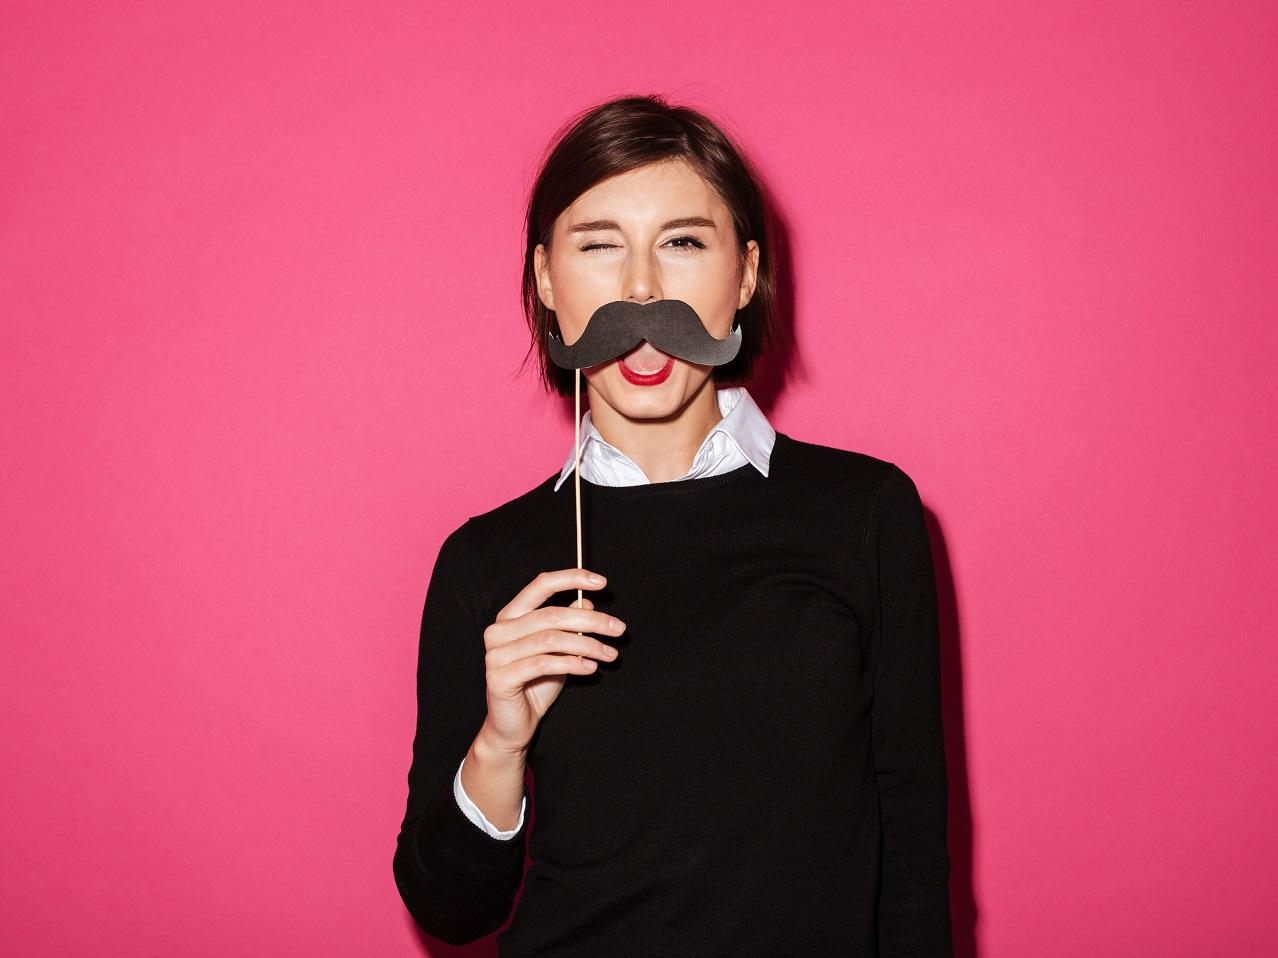 紙の口髭を持つ女性